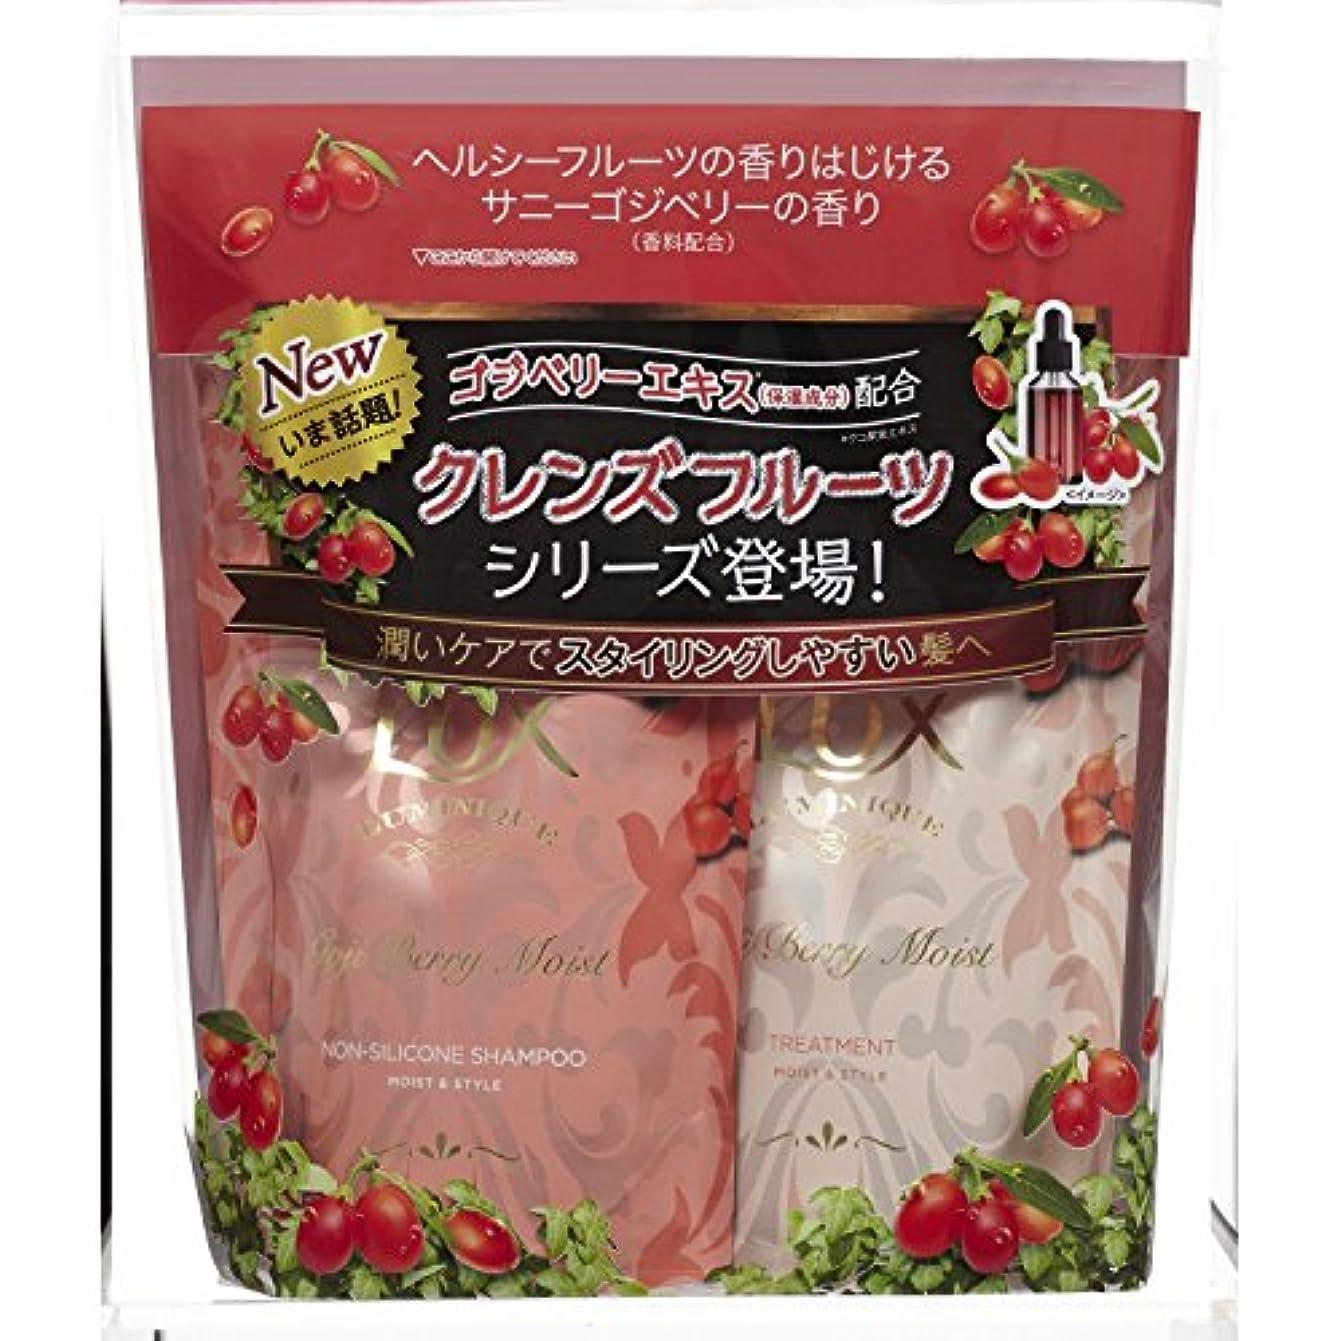 忠実に喜び謙虚ラックス ルミニーク ゴジベリーモイスト (サニーゴジベリーの香り) つめかえ用ペア 350g+350g